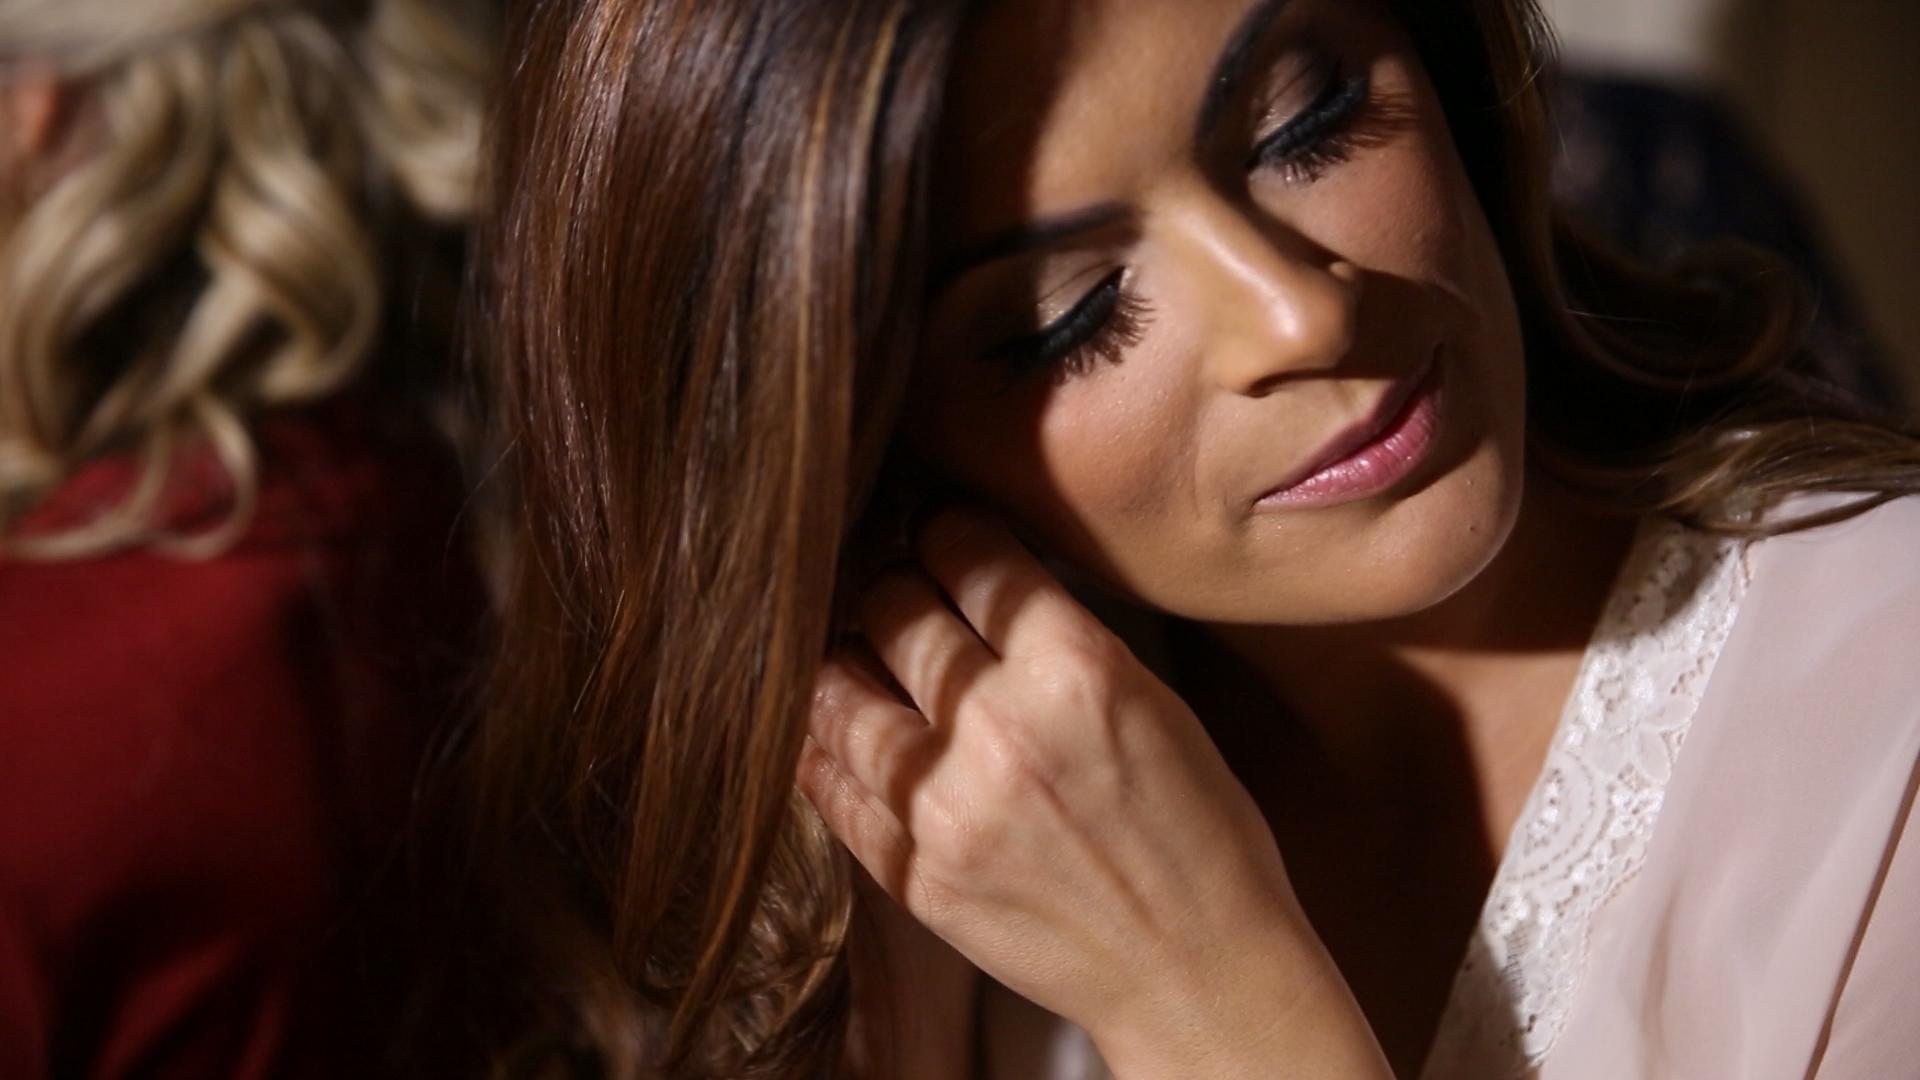 Earrings - Bride Film